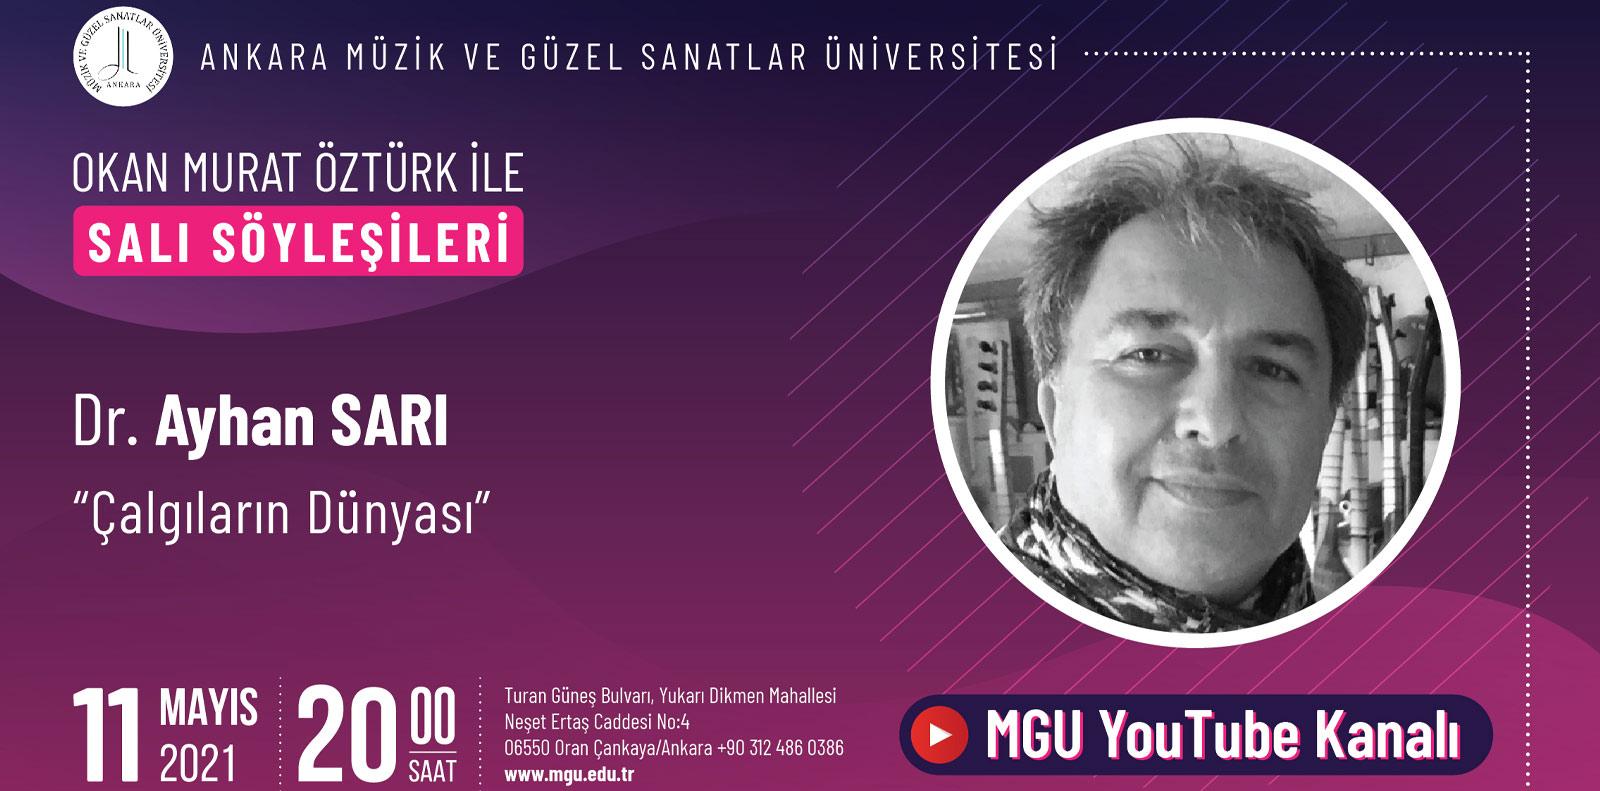 Okan Murat Öztürk ile Salı Söyleşileri Slayt